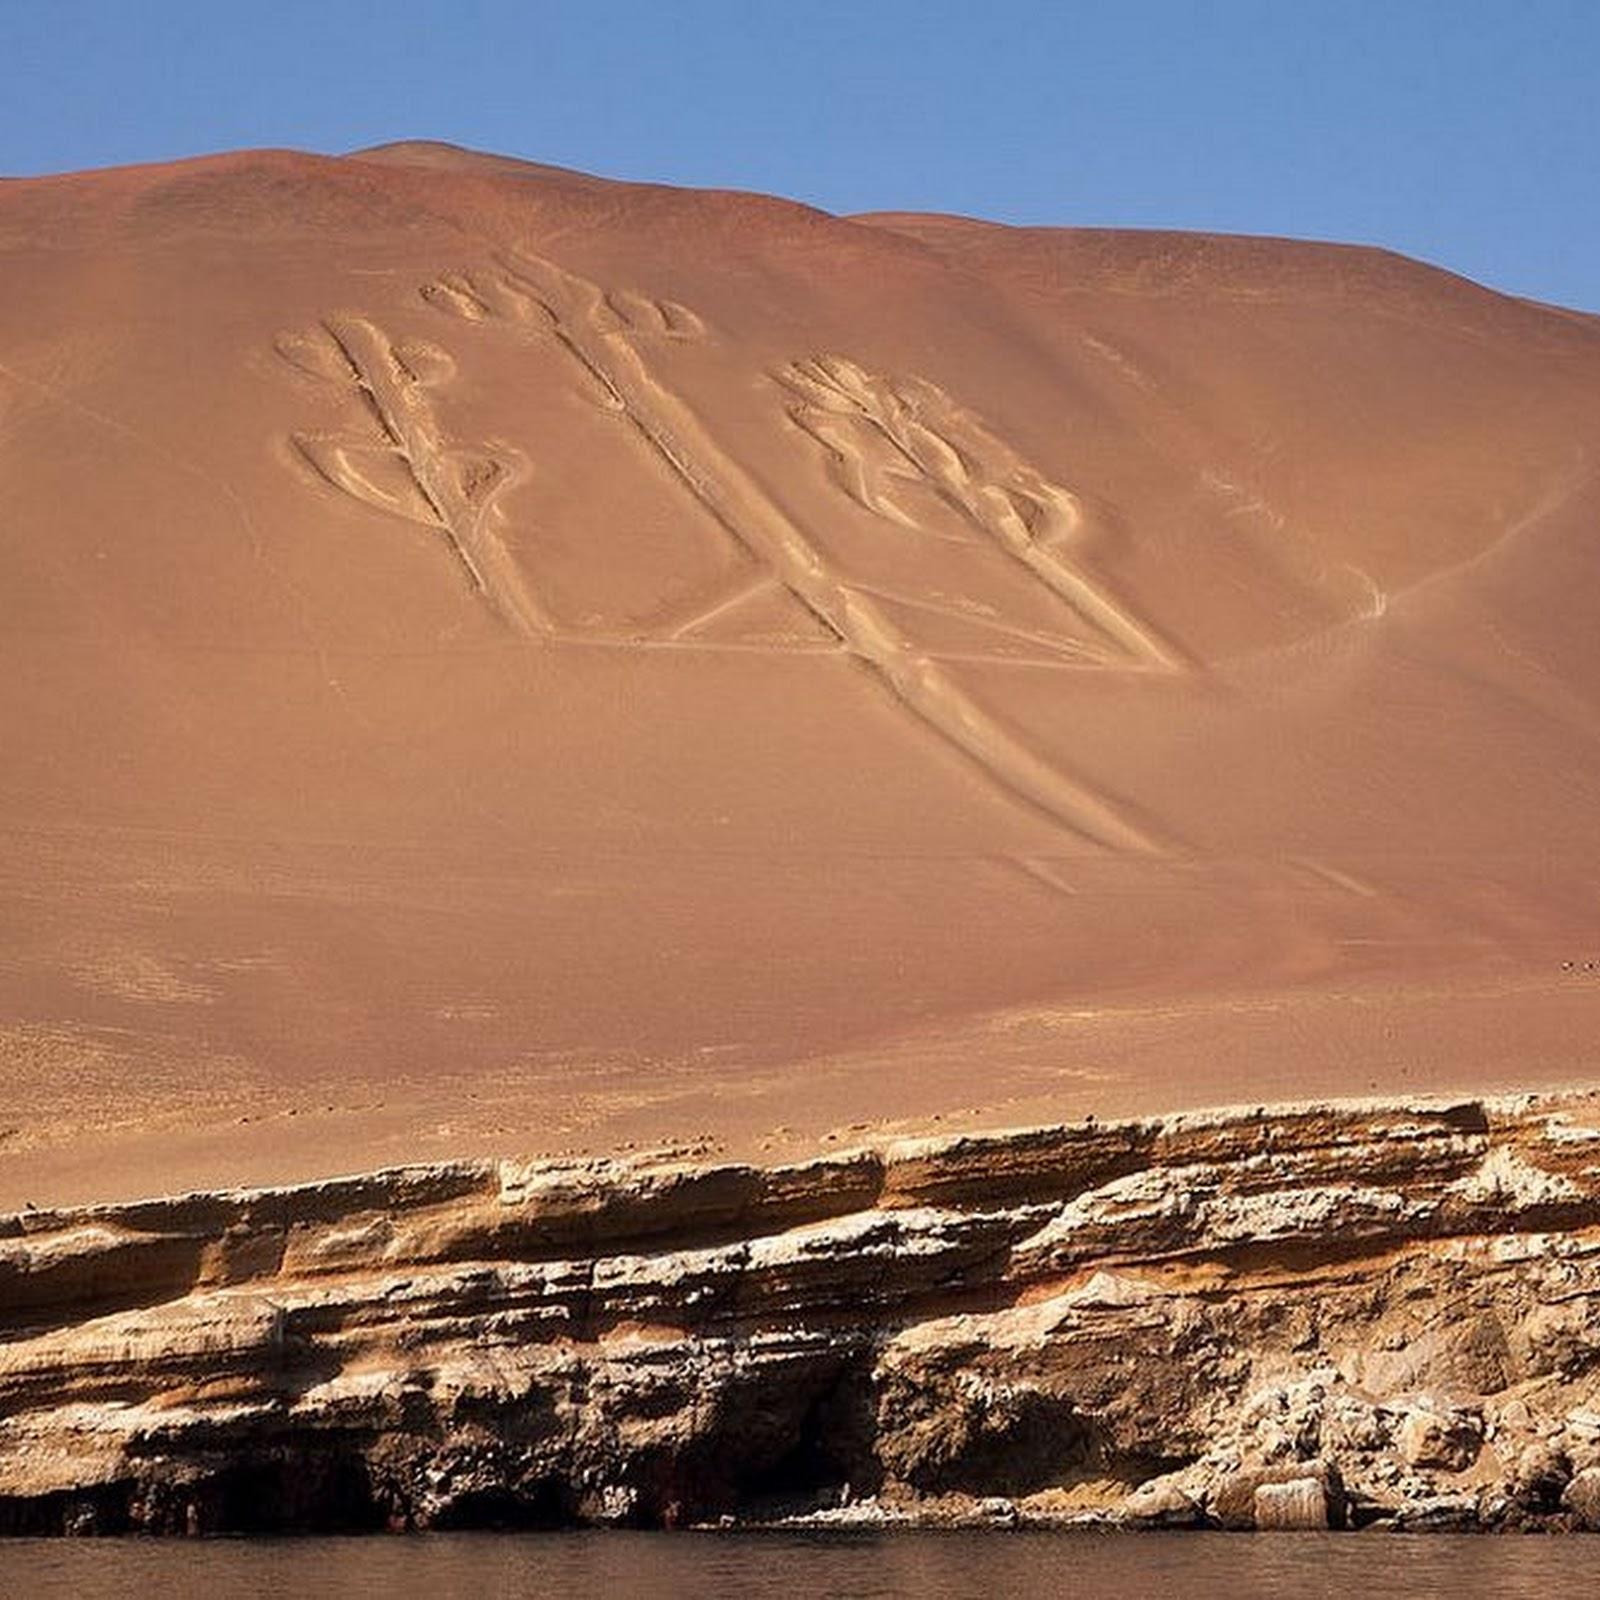 Paracas Candelabra of Peru